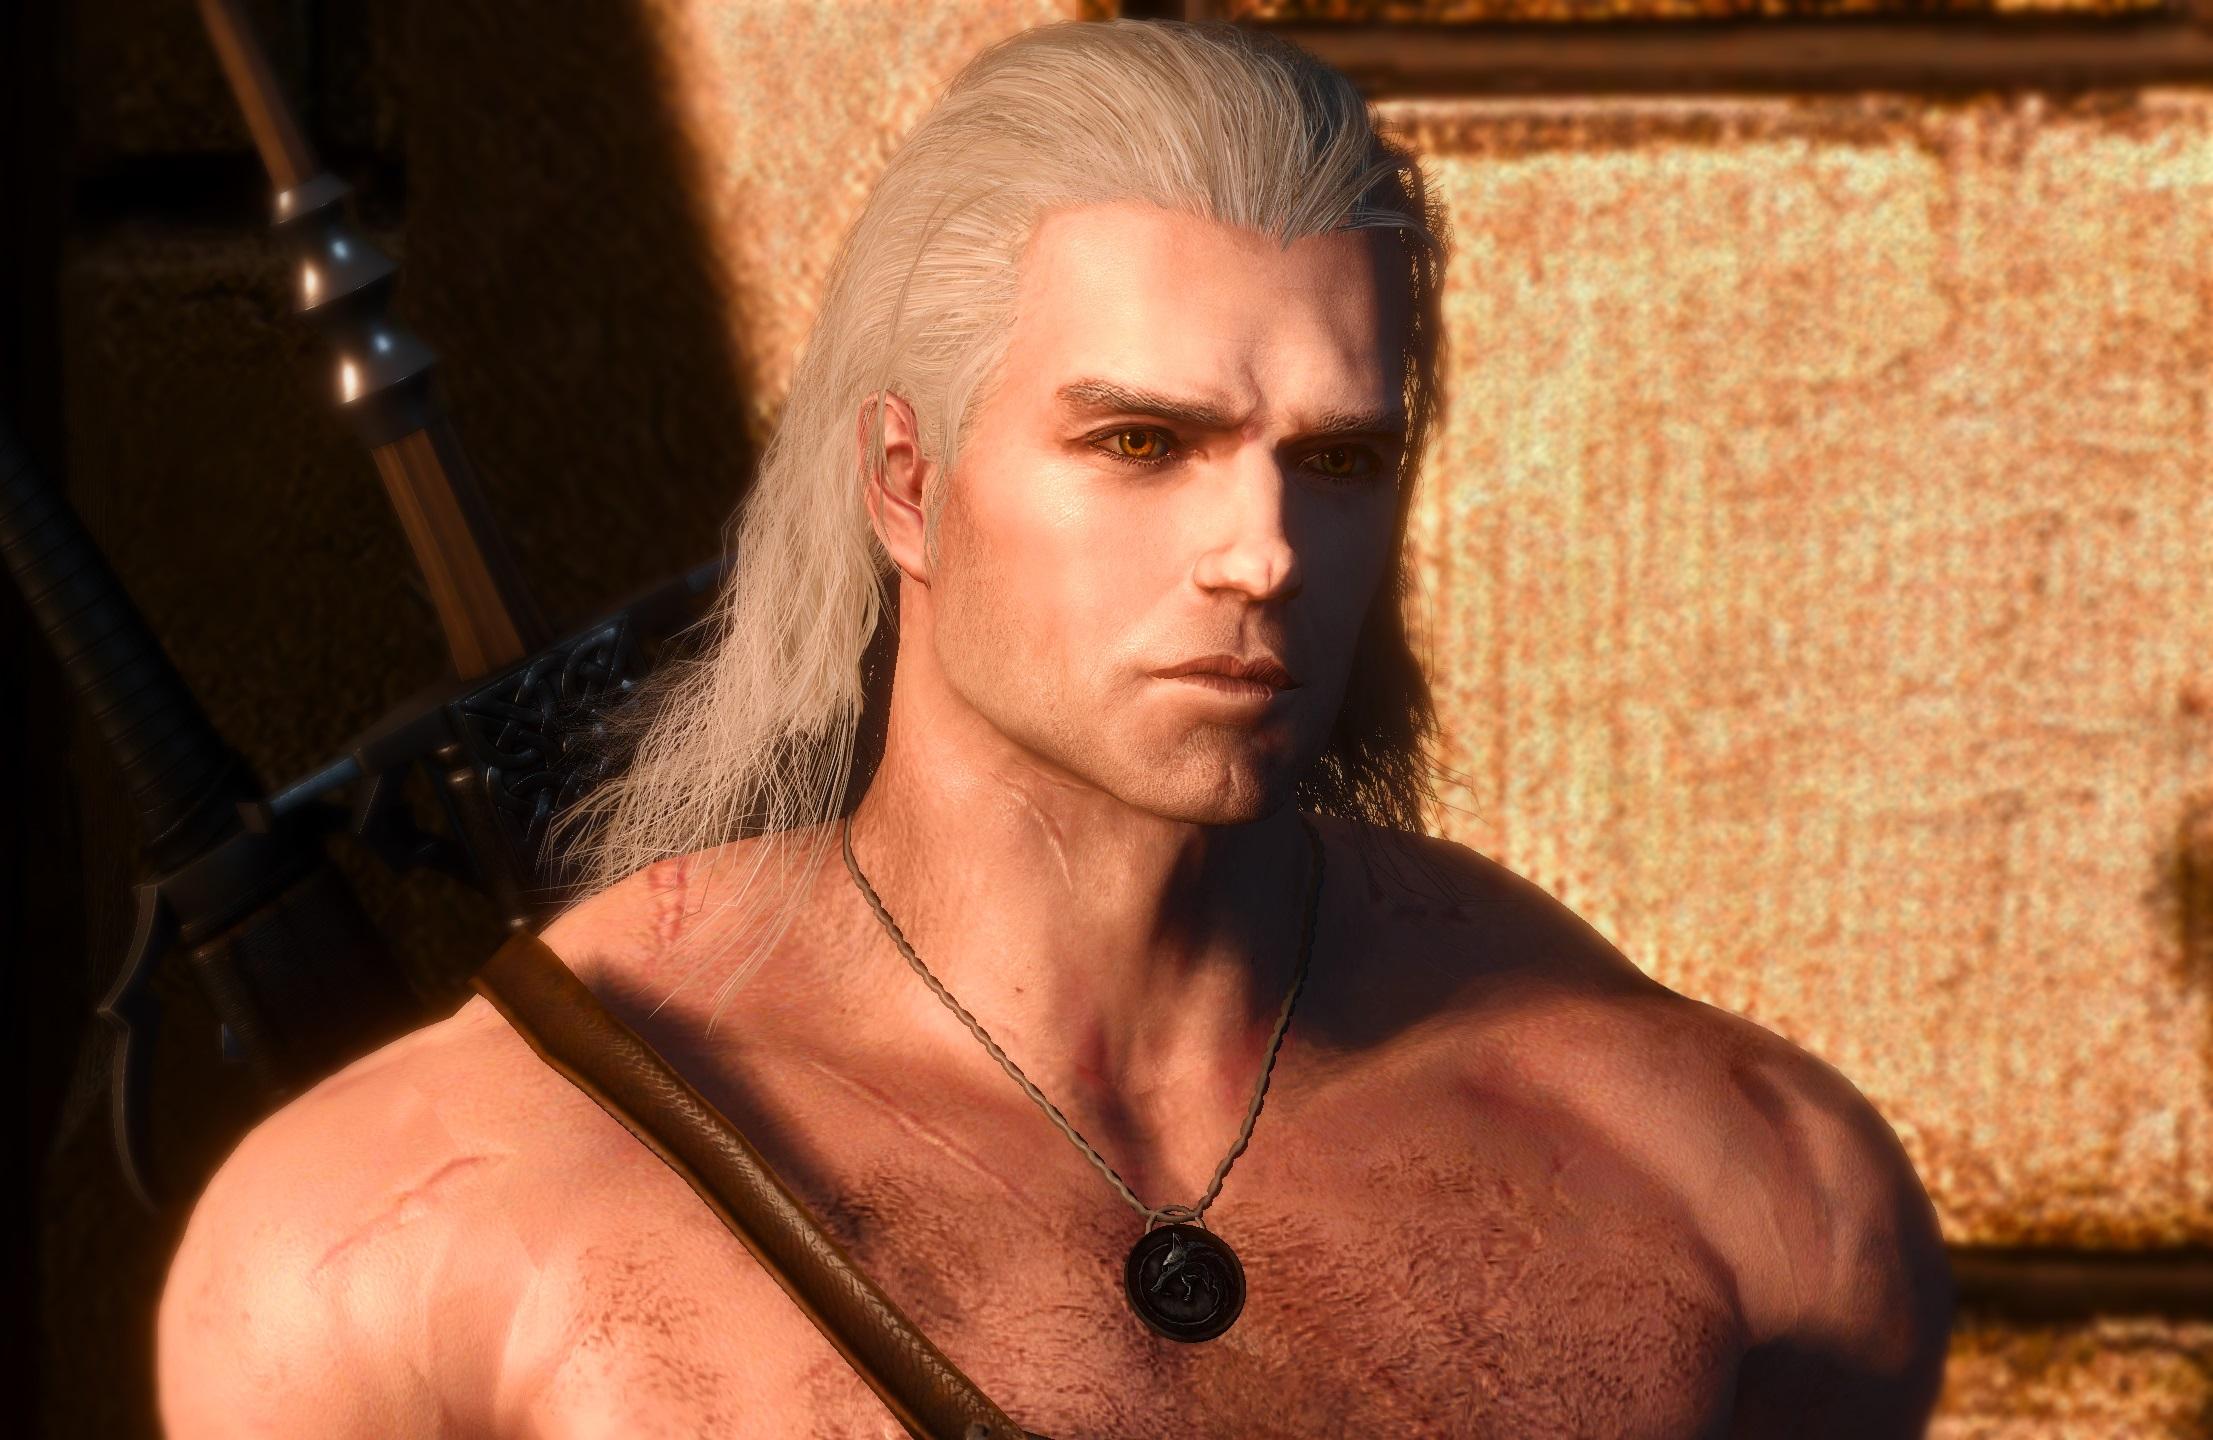 Nueva Mod para The Brujo 3 Tratando de reemplazar a Geralt con Henry Cavill 1